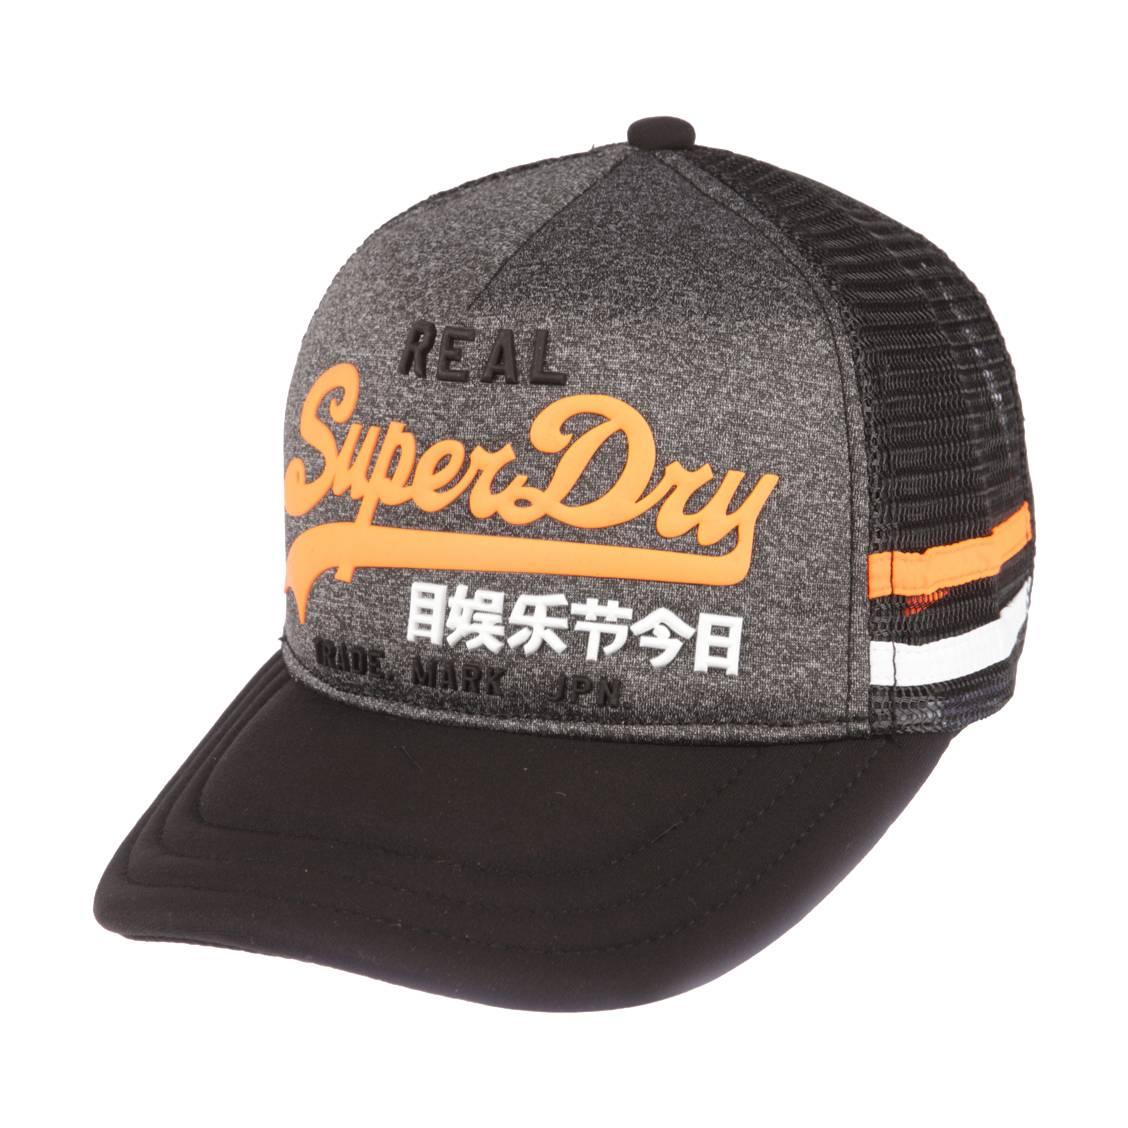 5f9c957477 Casquette Superdry Premium Goods en gris chiné et mesh noir à détails  contrastants oranges et blancs ...